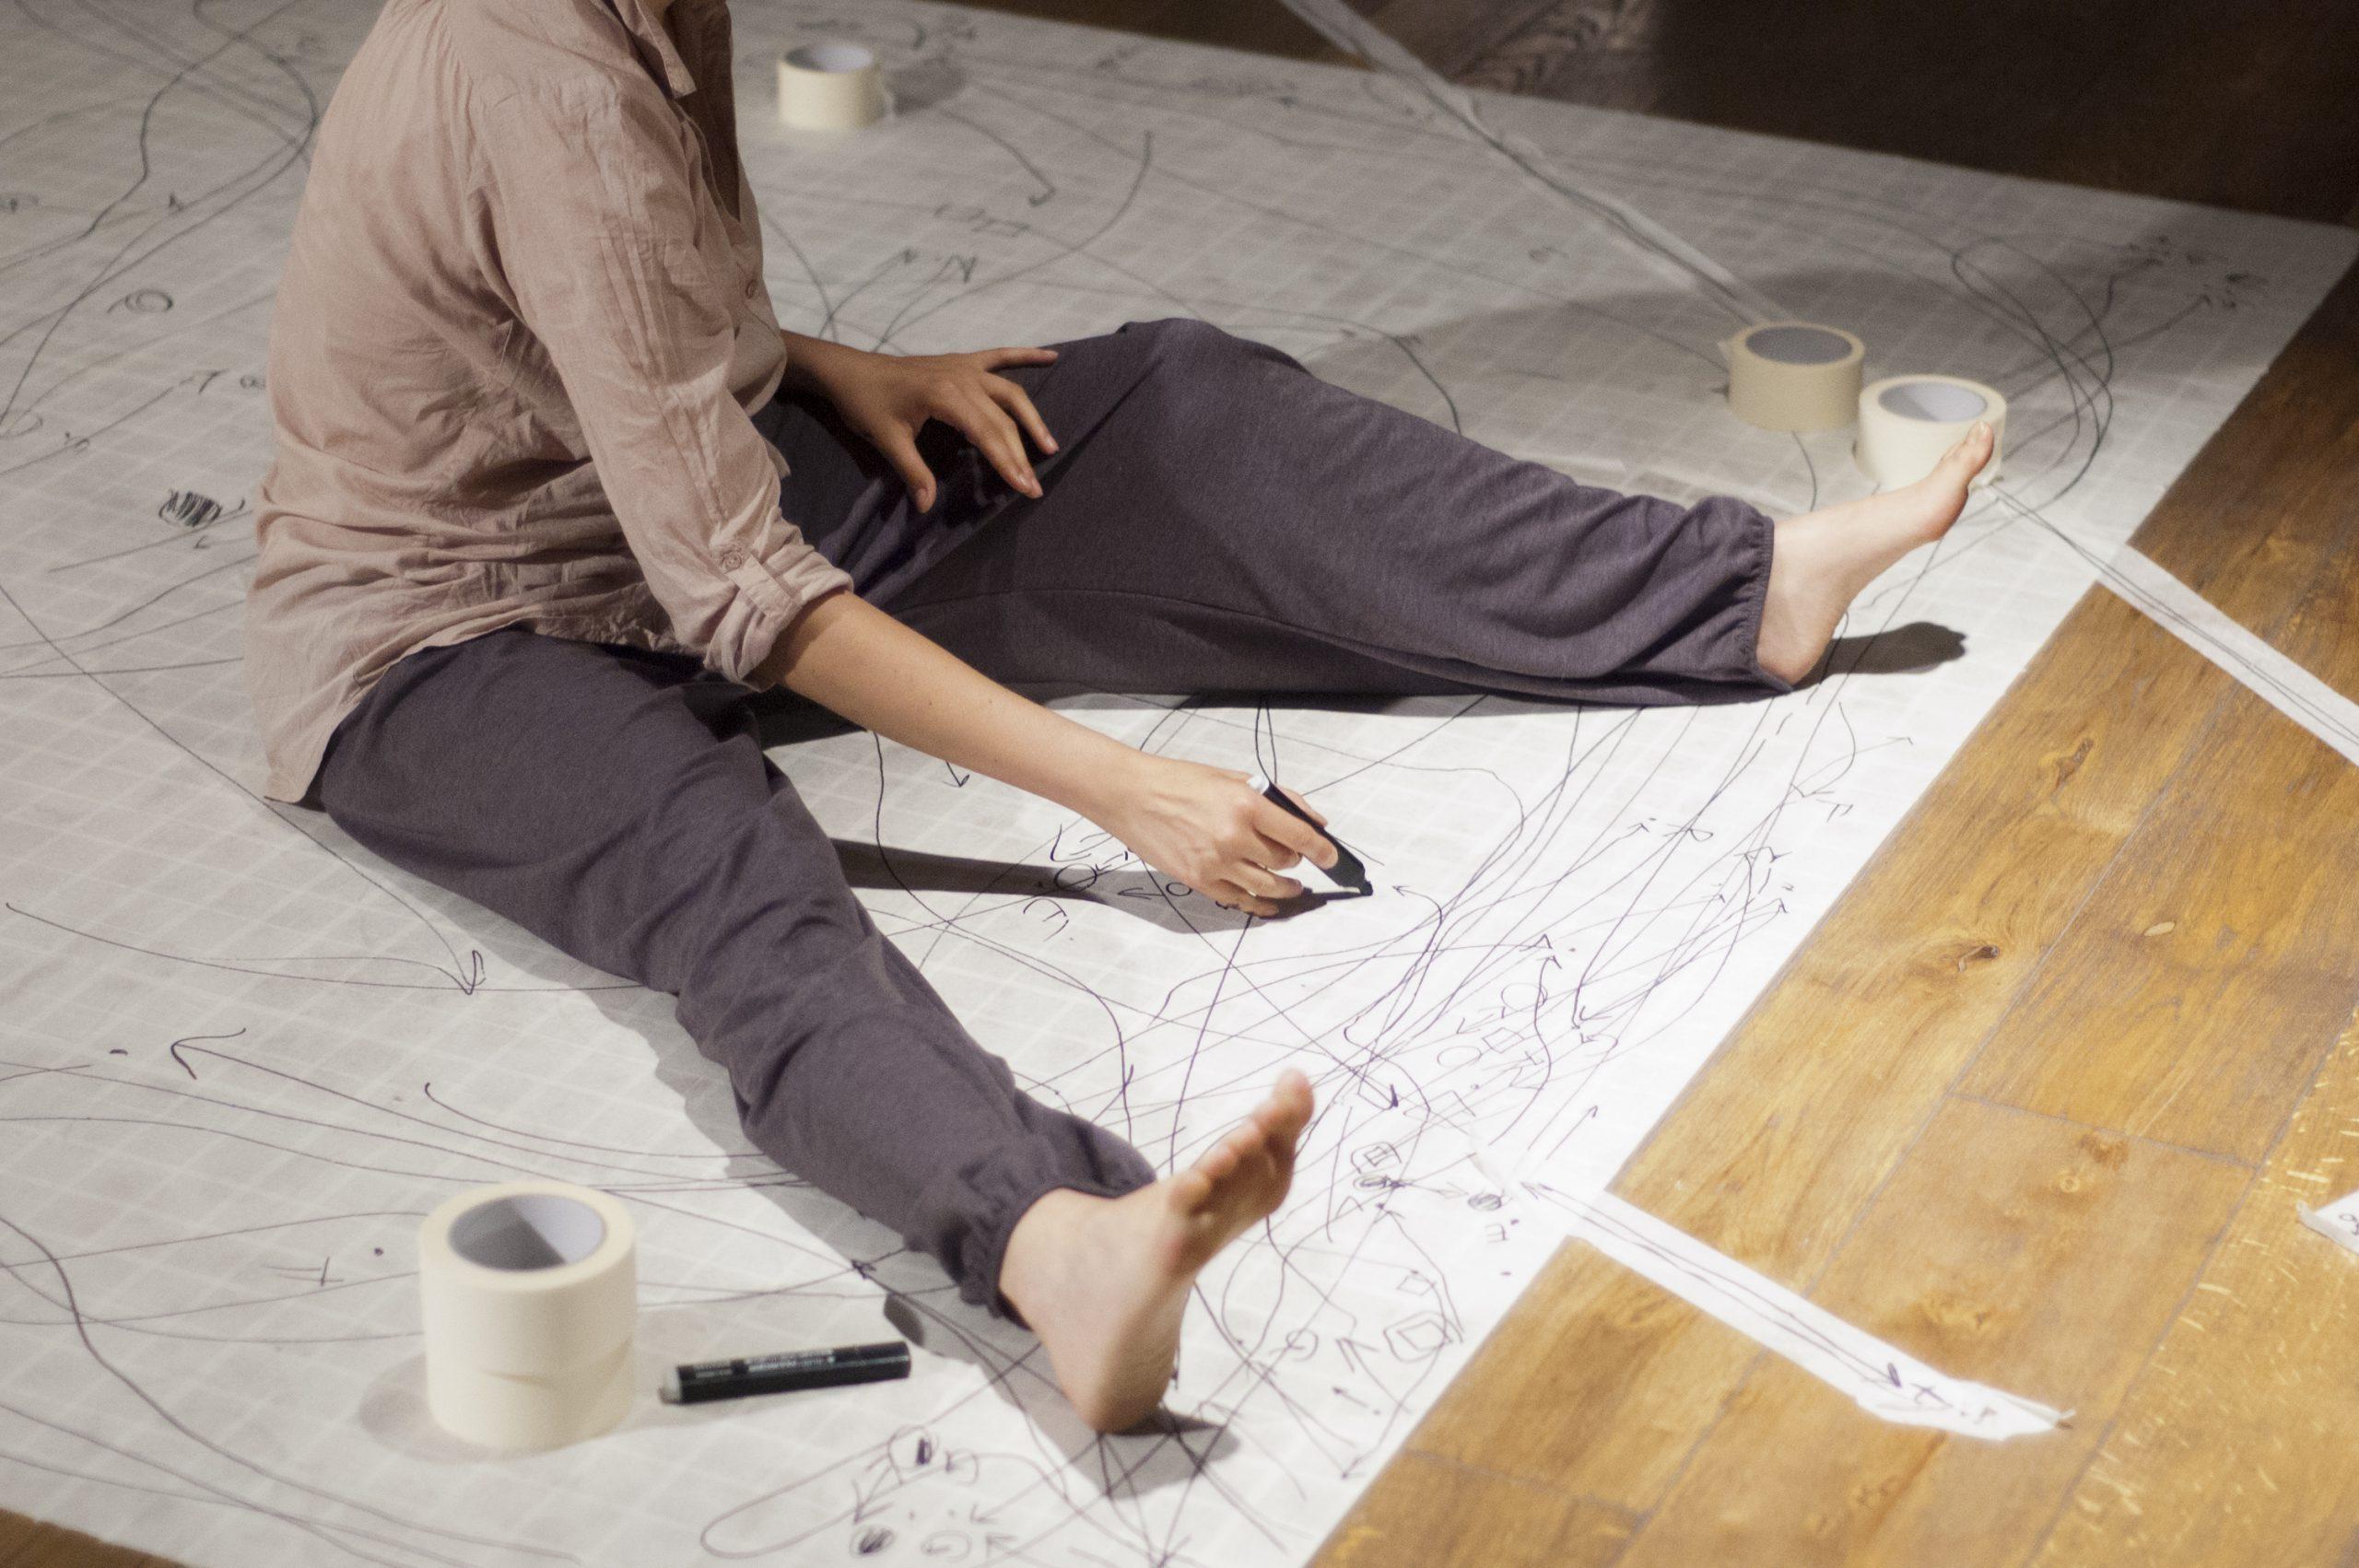 Giulia-Gallo-Recording-Maps-performance-Galleria-Allegretti-Contemporanea-2011